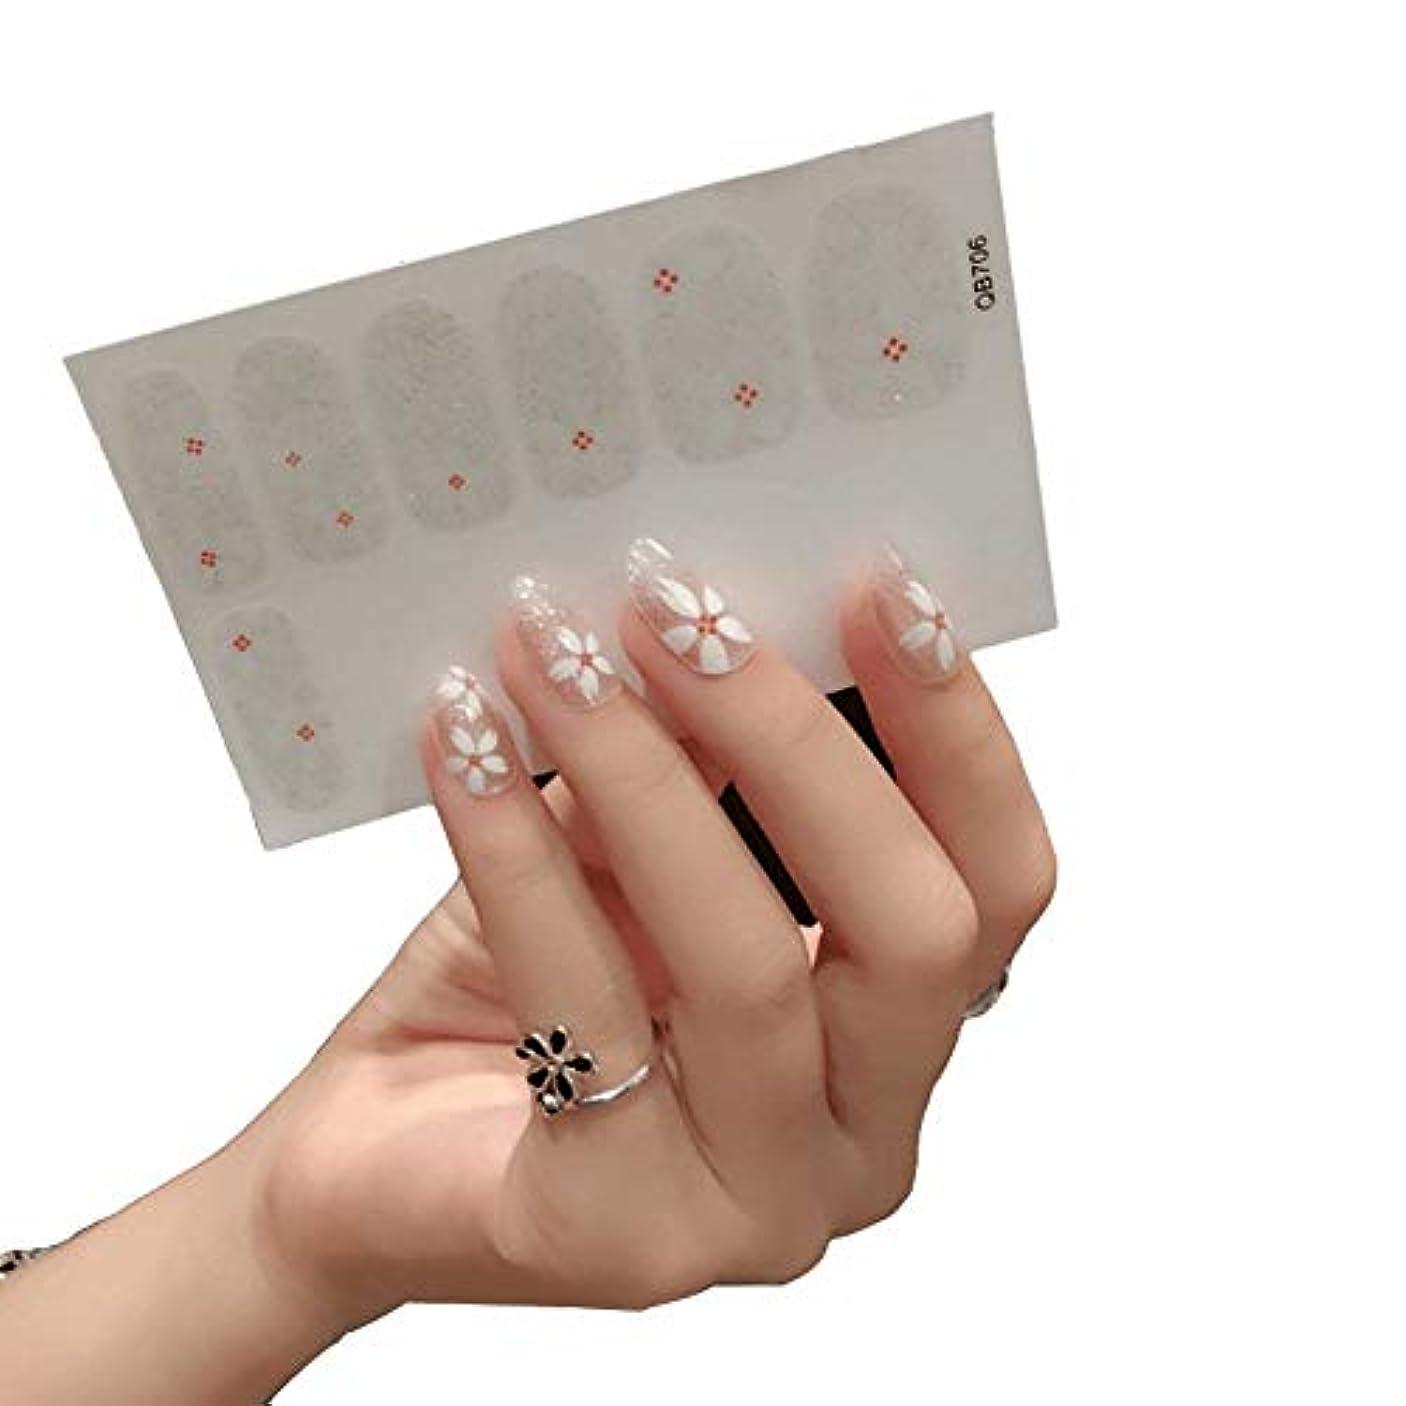 宗教意見有益ネイルシール 貼るだけ 12枚セット ネイルラップ 簡単 貼るだけ ラップネイルシール ネイルアート ラップシール アクセサリー おしゃれな (QB706)